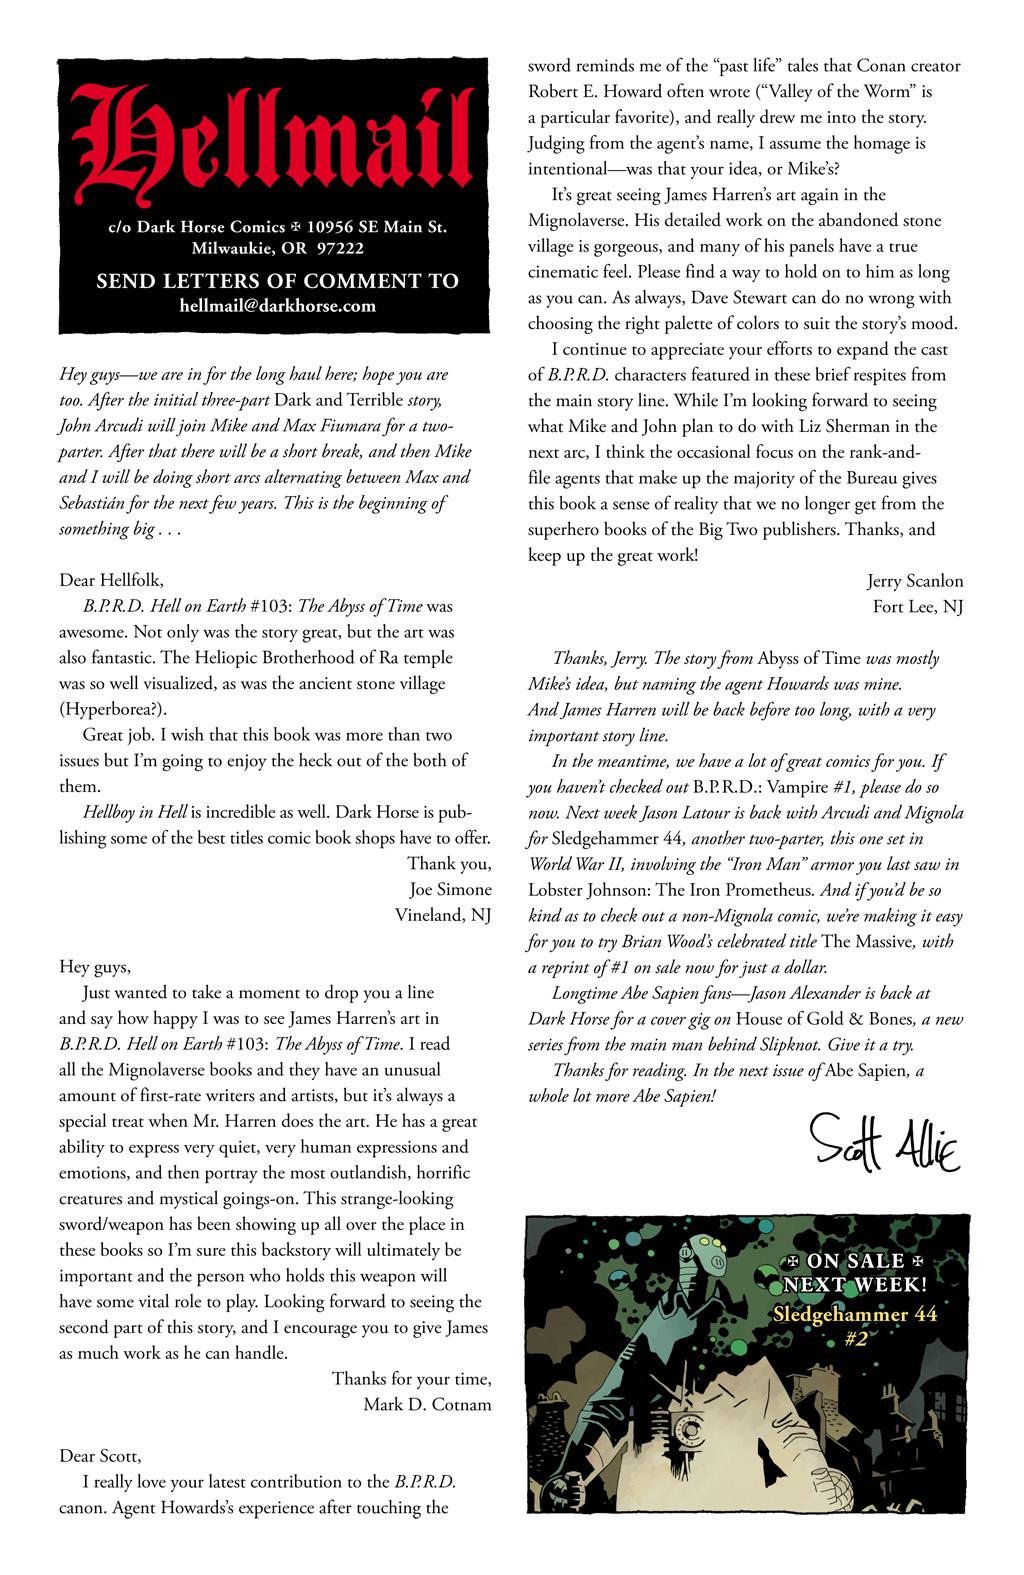 Read online Abe Sapien comic -  Issue #1 - 25